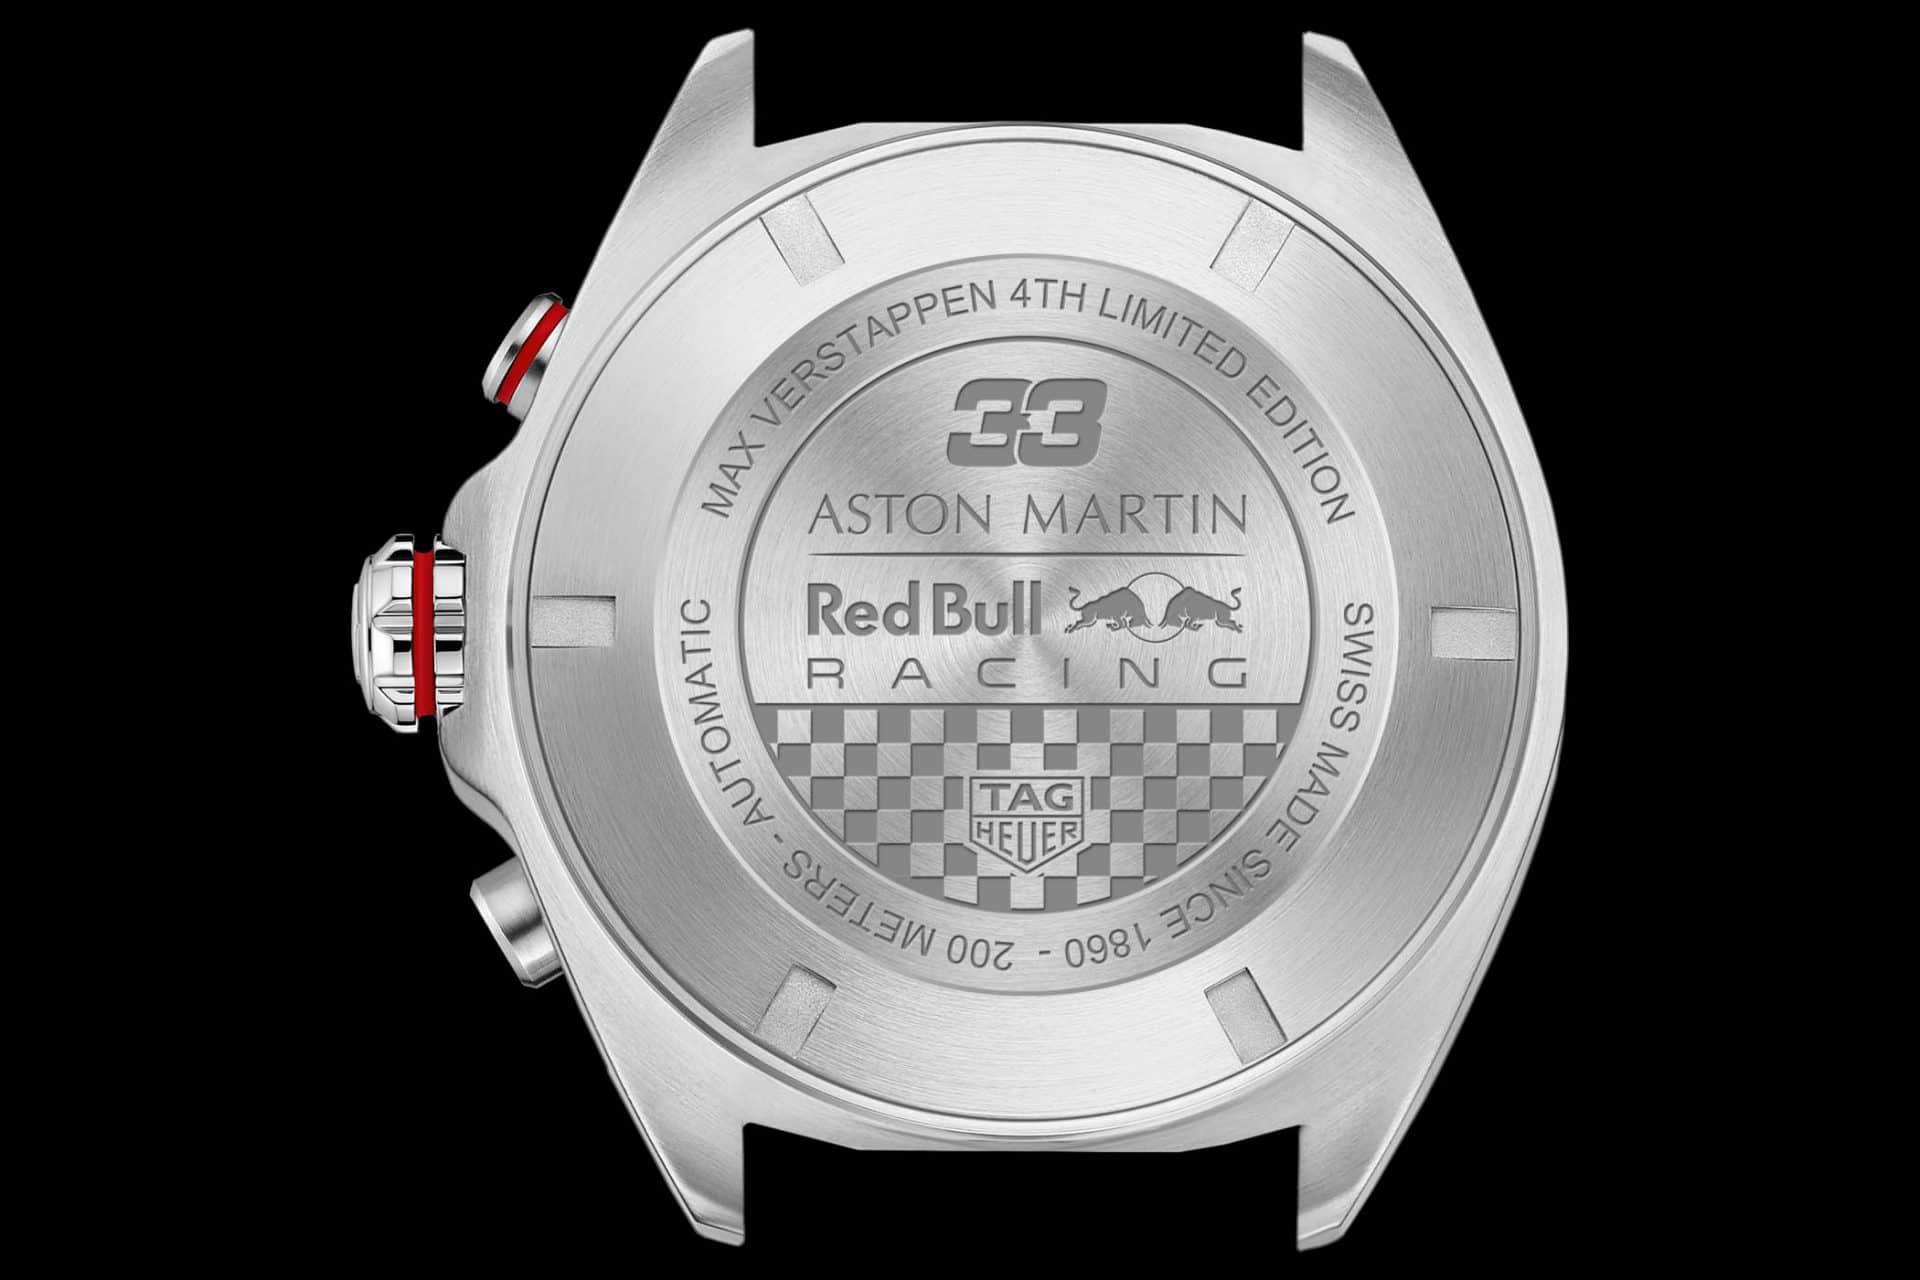 Der gravierte Stahlboden mit dem Hinweis auf die Max Verstappen TAG Heuer Edition Edition und das Aston Martin Red Bull Racing Team